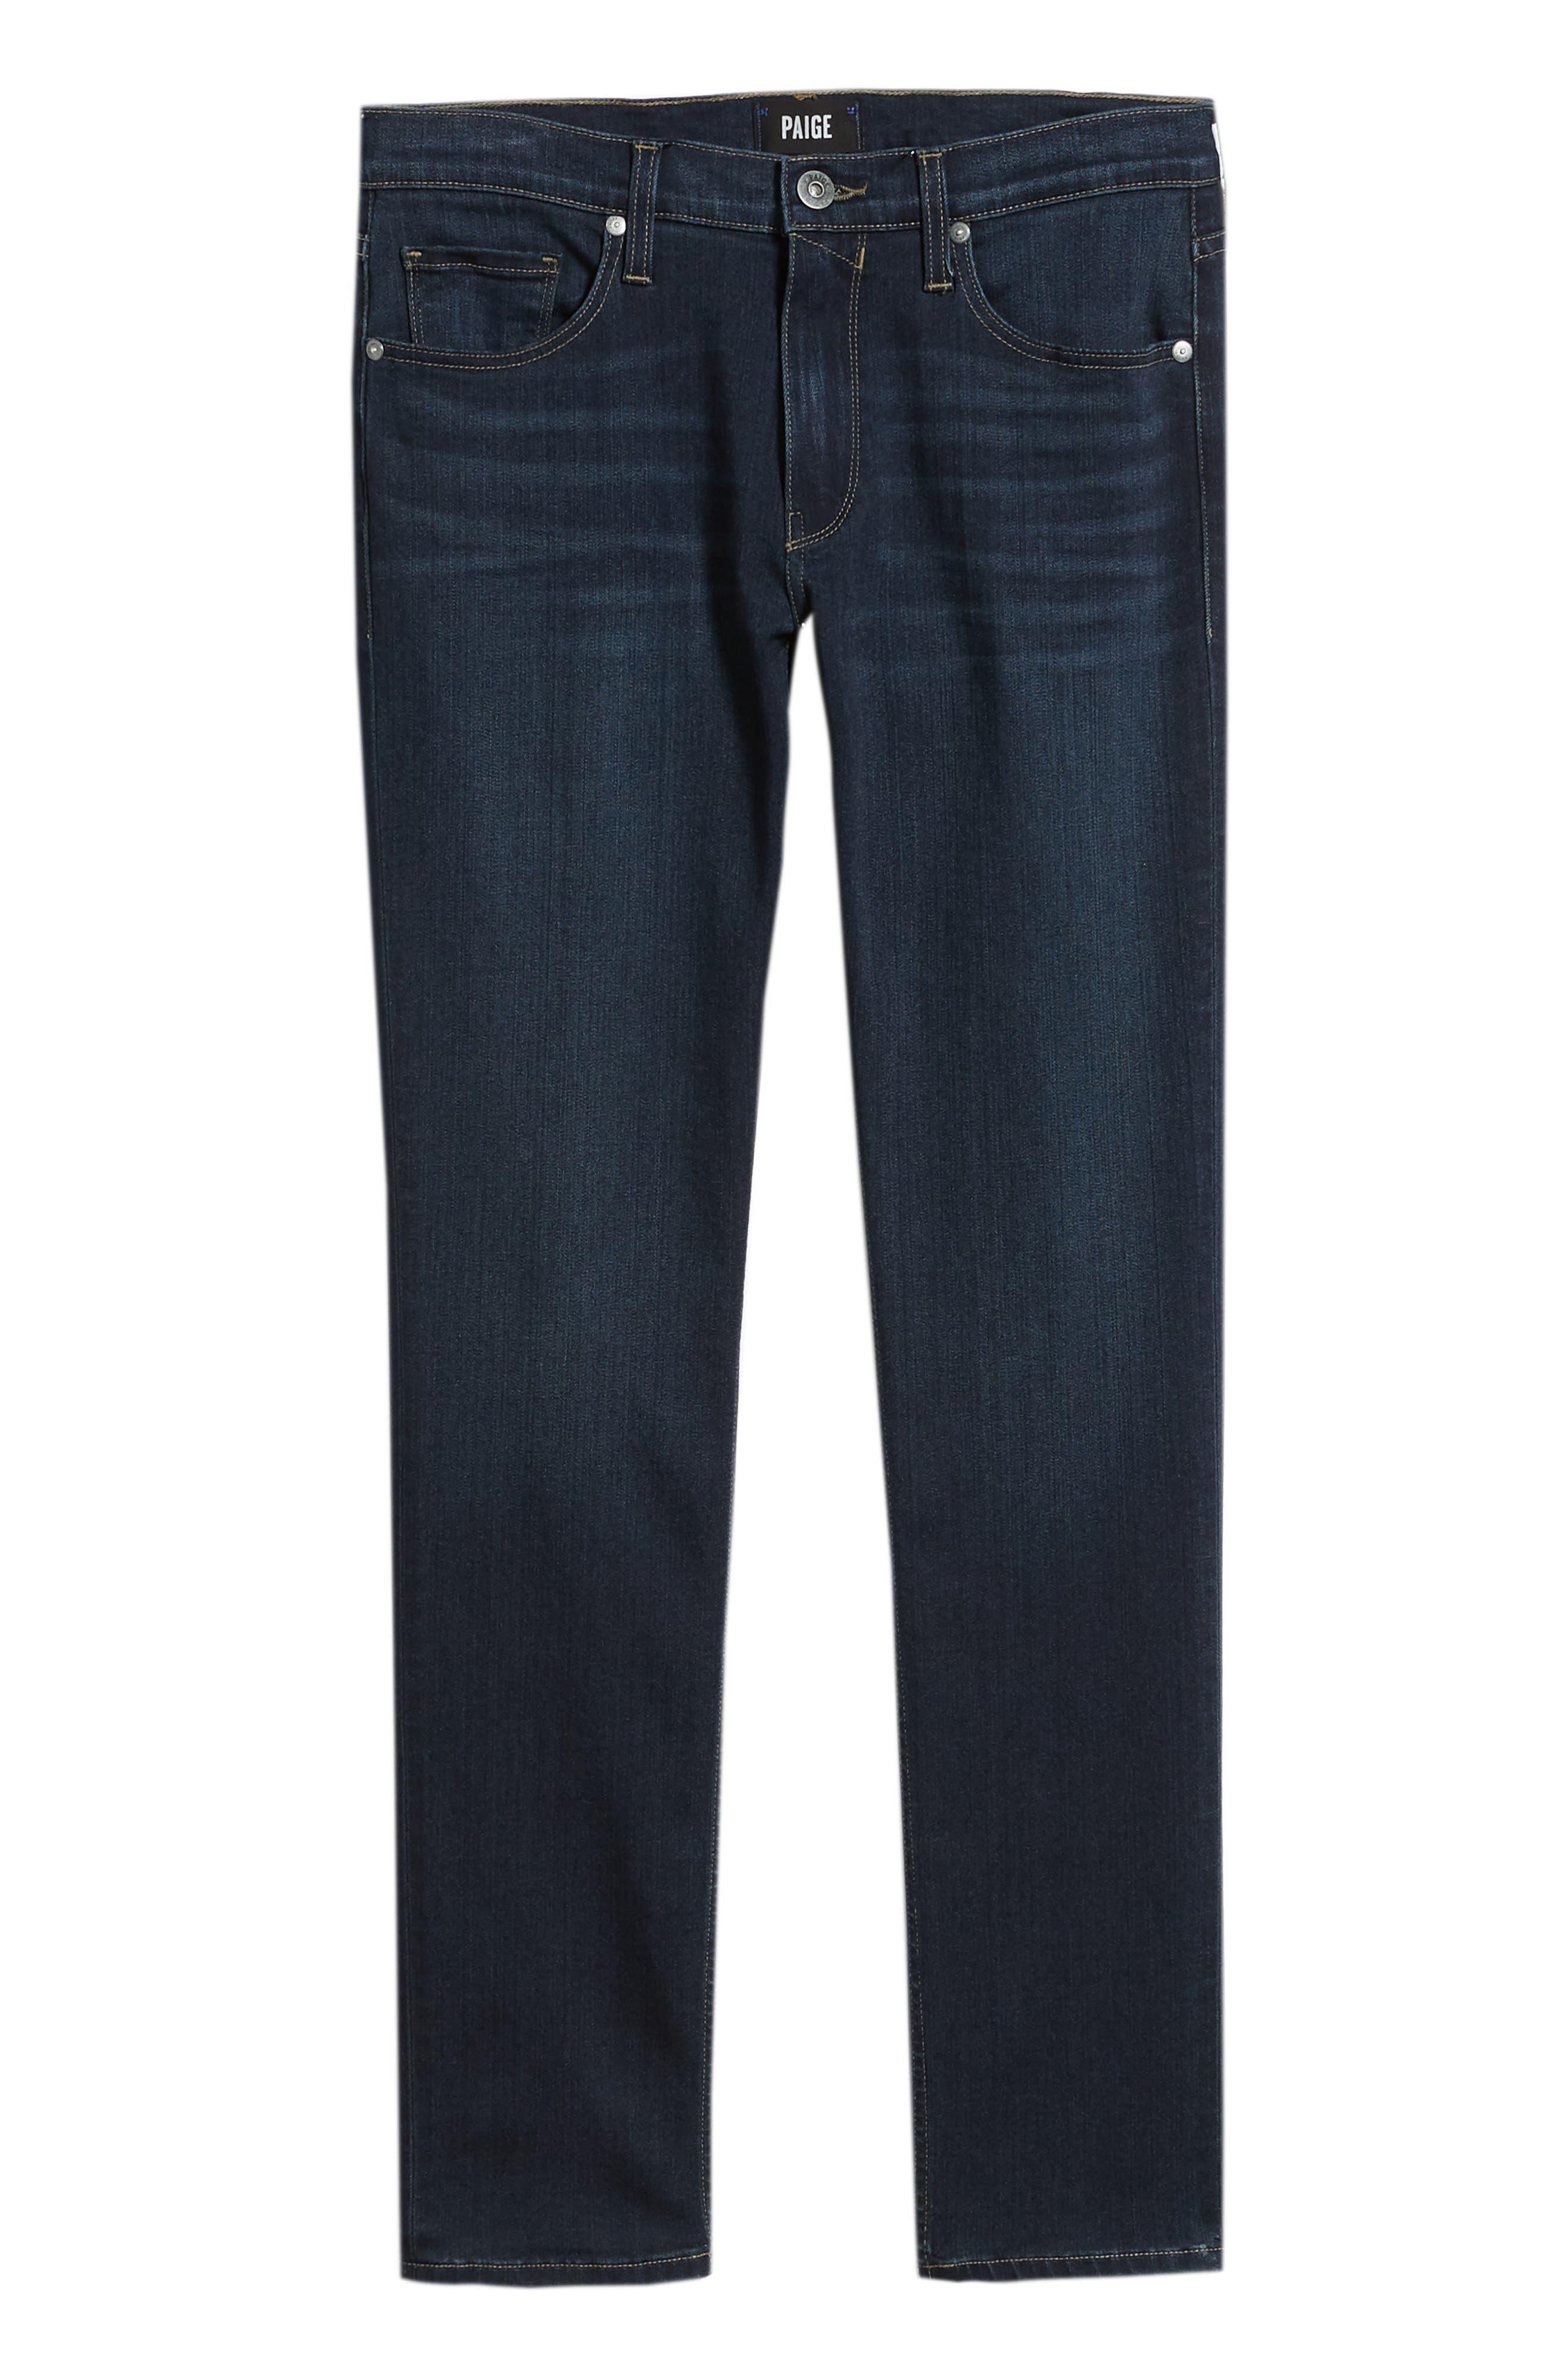 Transcend – Lennox Slim Fit Jeans,                             Alternate thumbnail 6, color,                             HALE